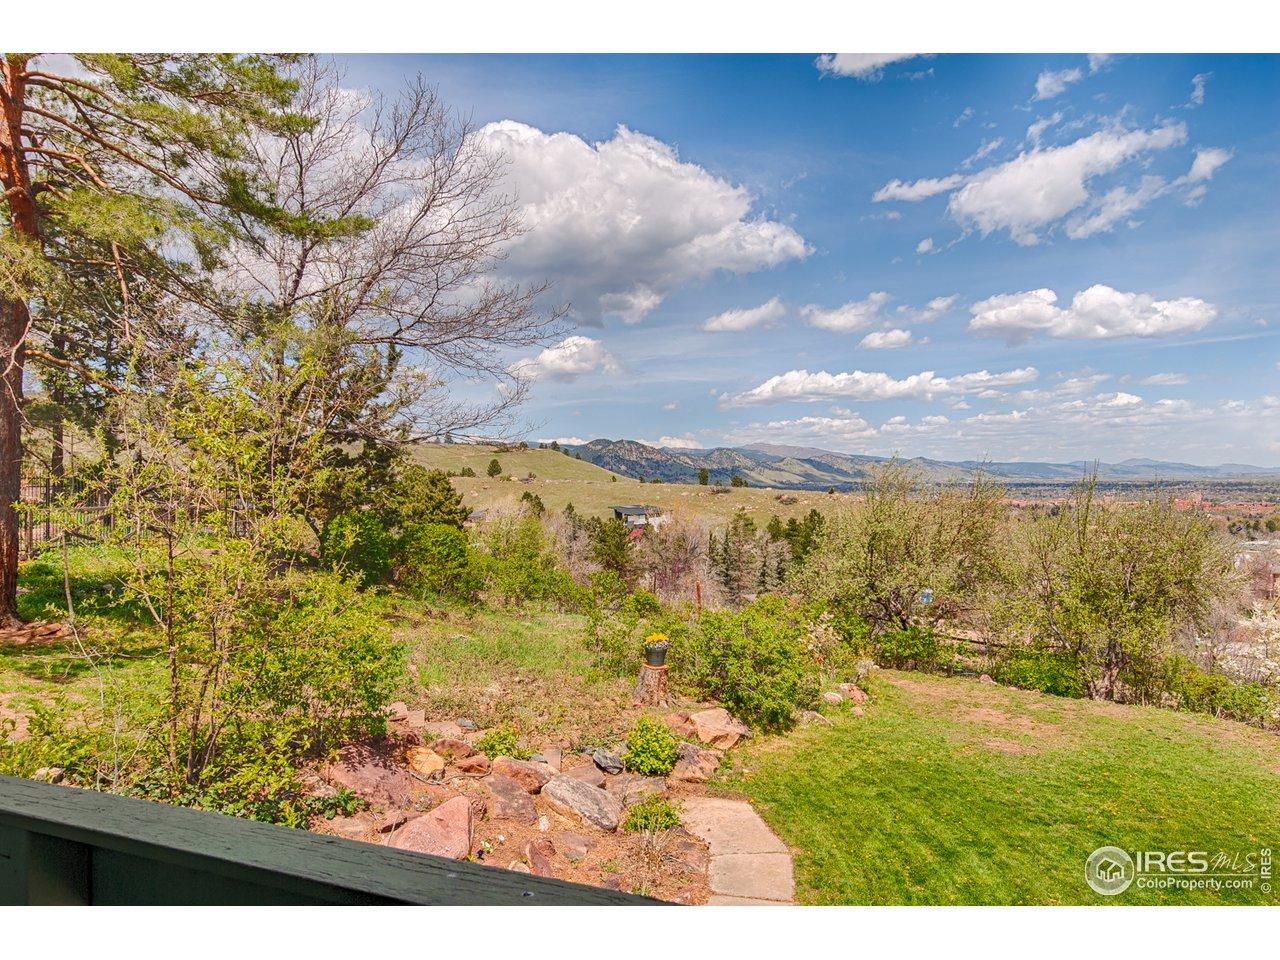 Living room deck overlooking foothills & city